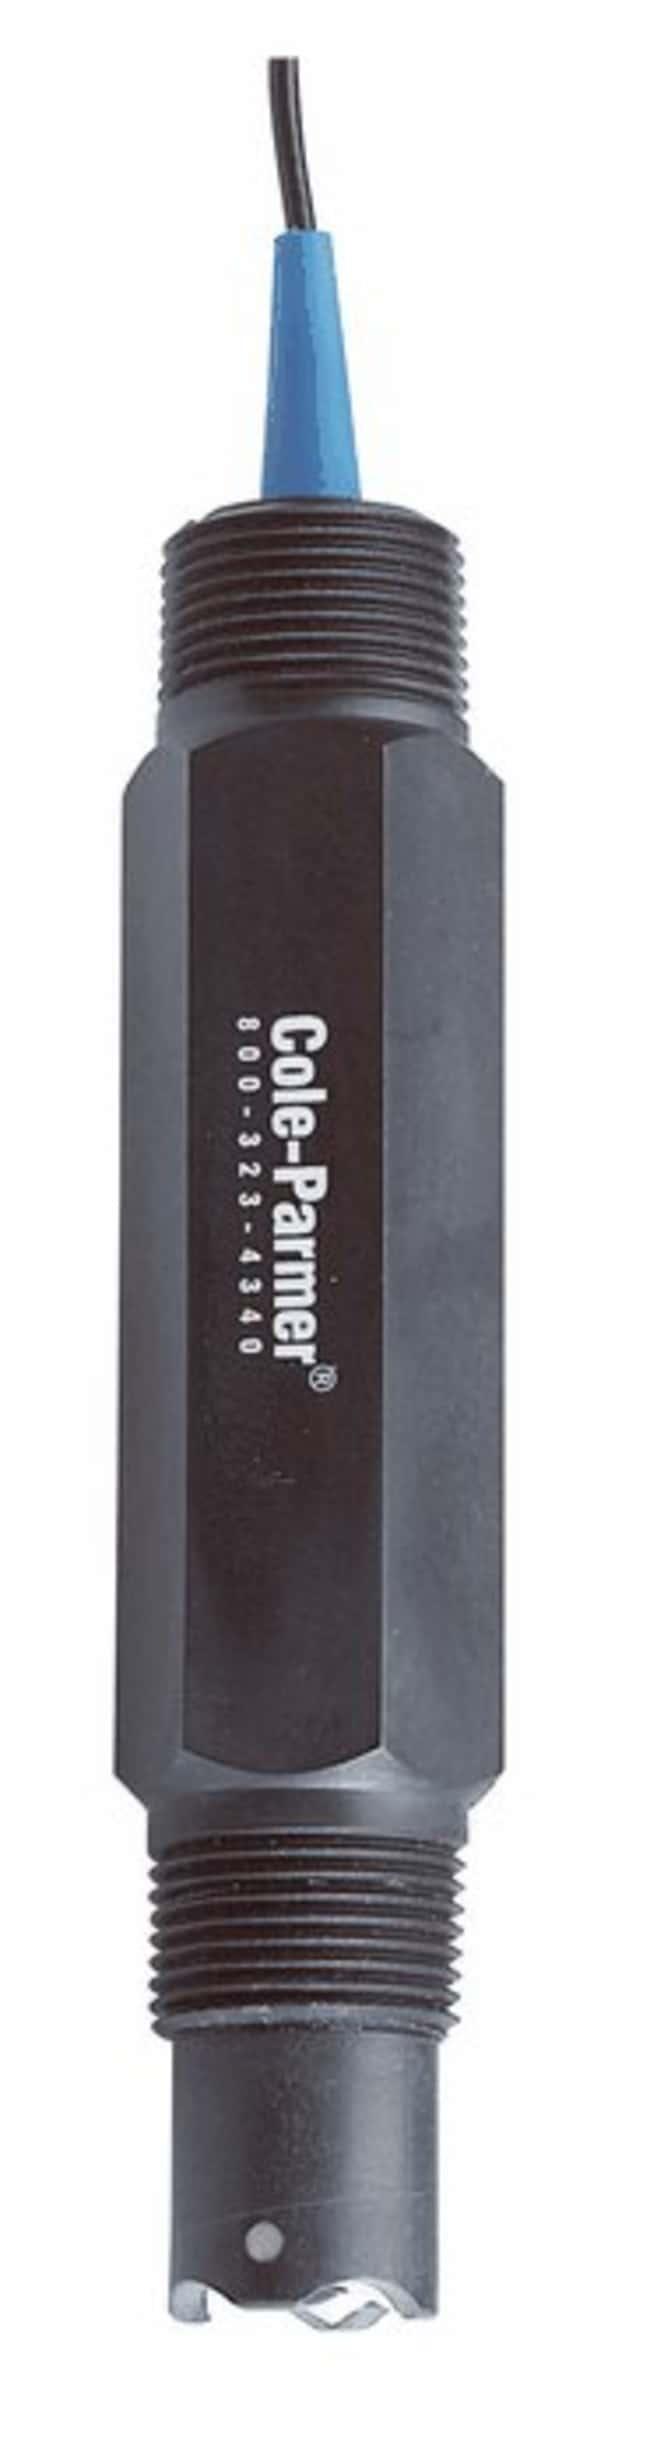 """Cole-ParmerCole-Parmer Tuff-Tip pH Electrode, No ATC, BNC, 3/4"""""""